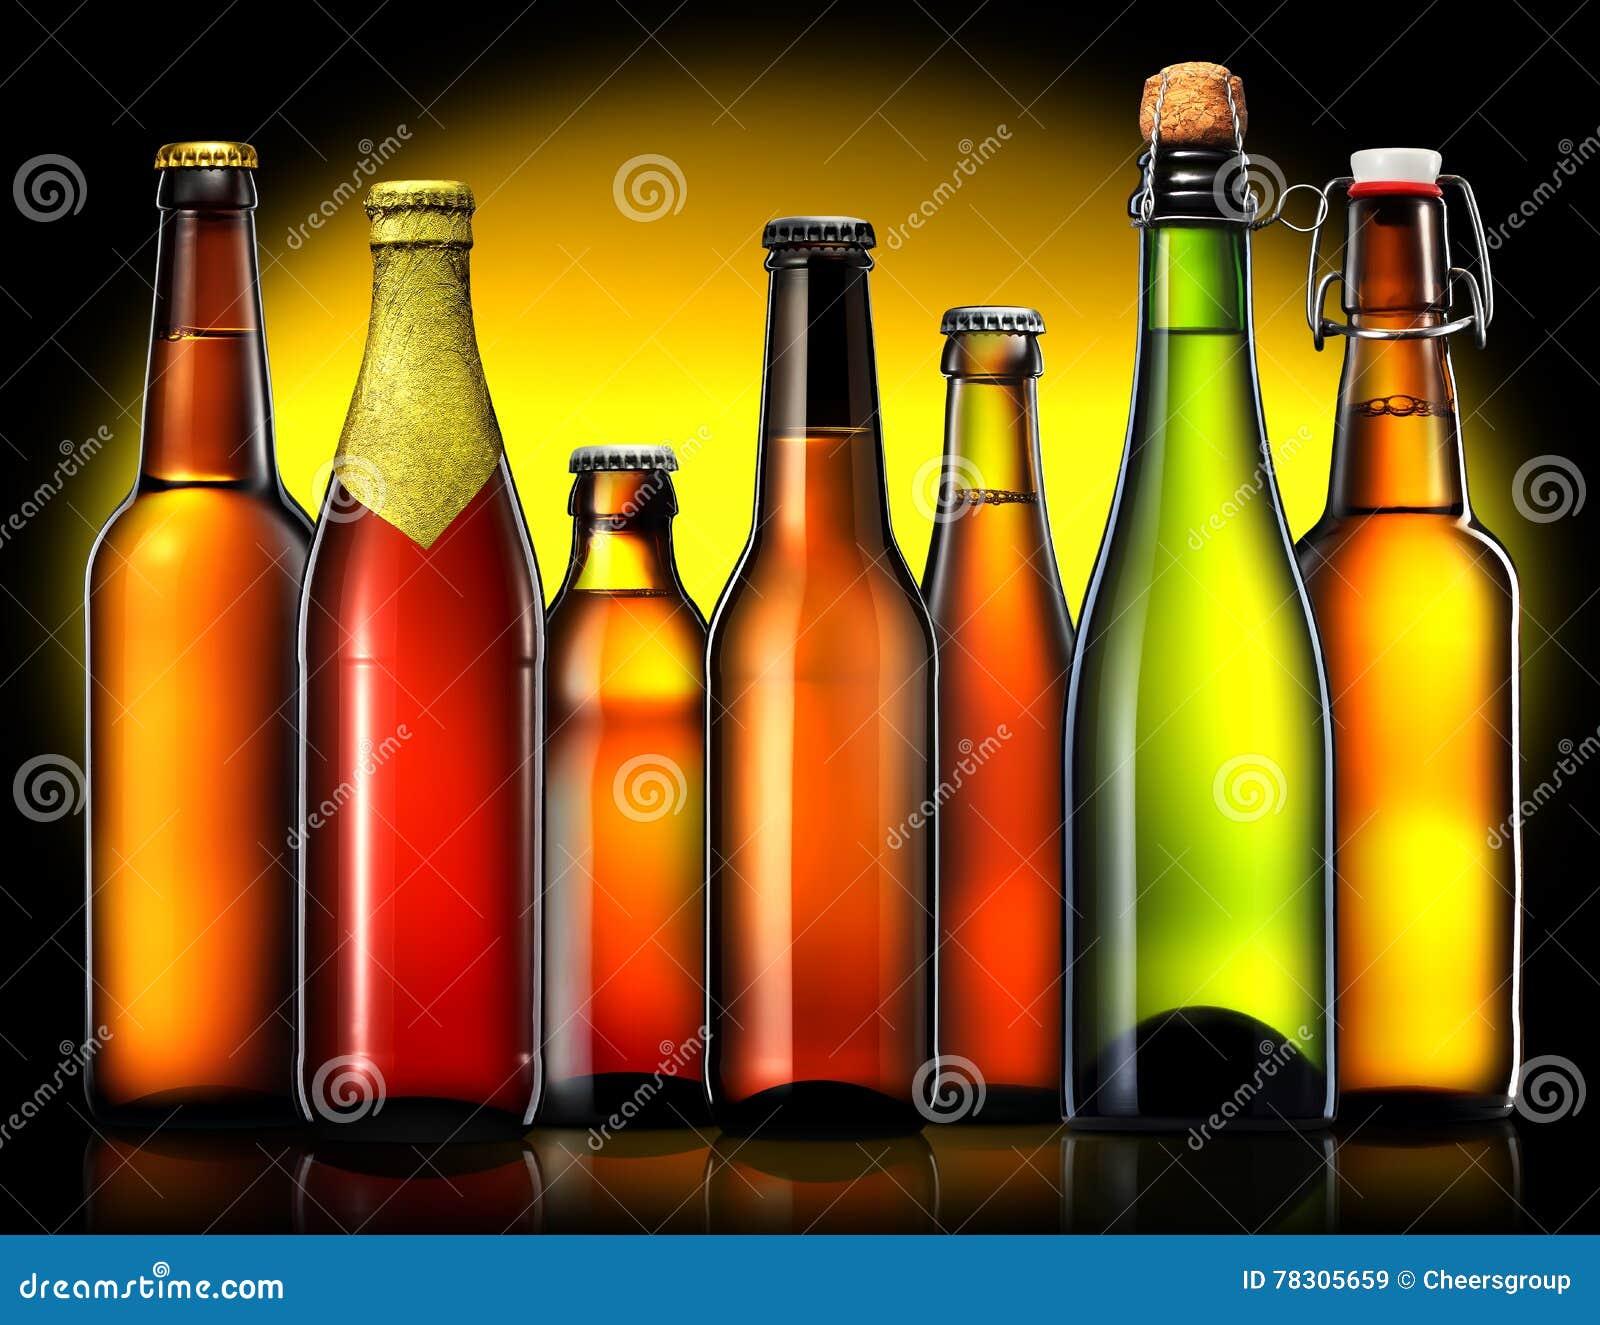 Set of beer bottles on black background